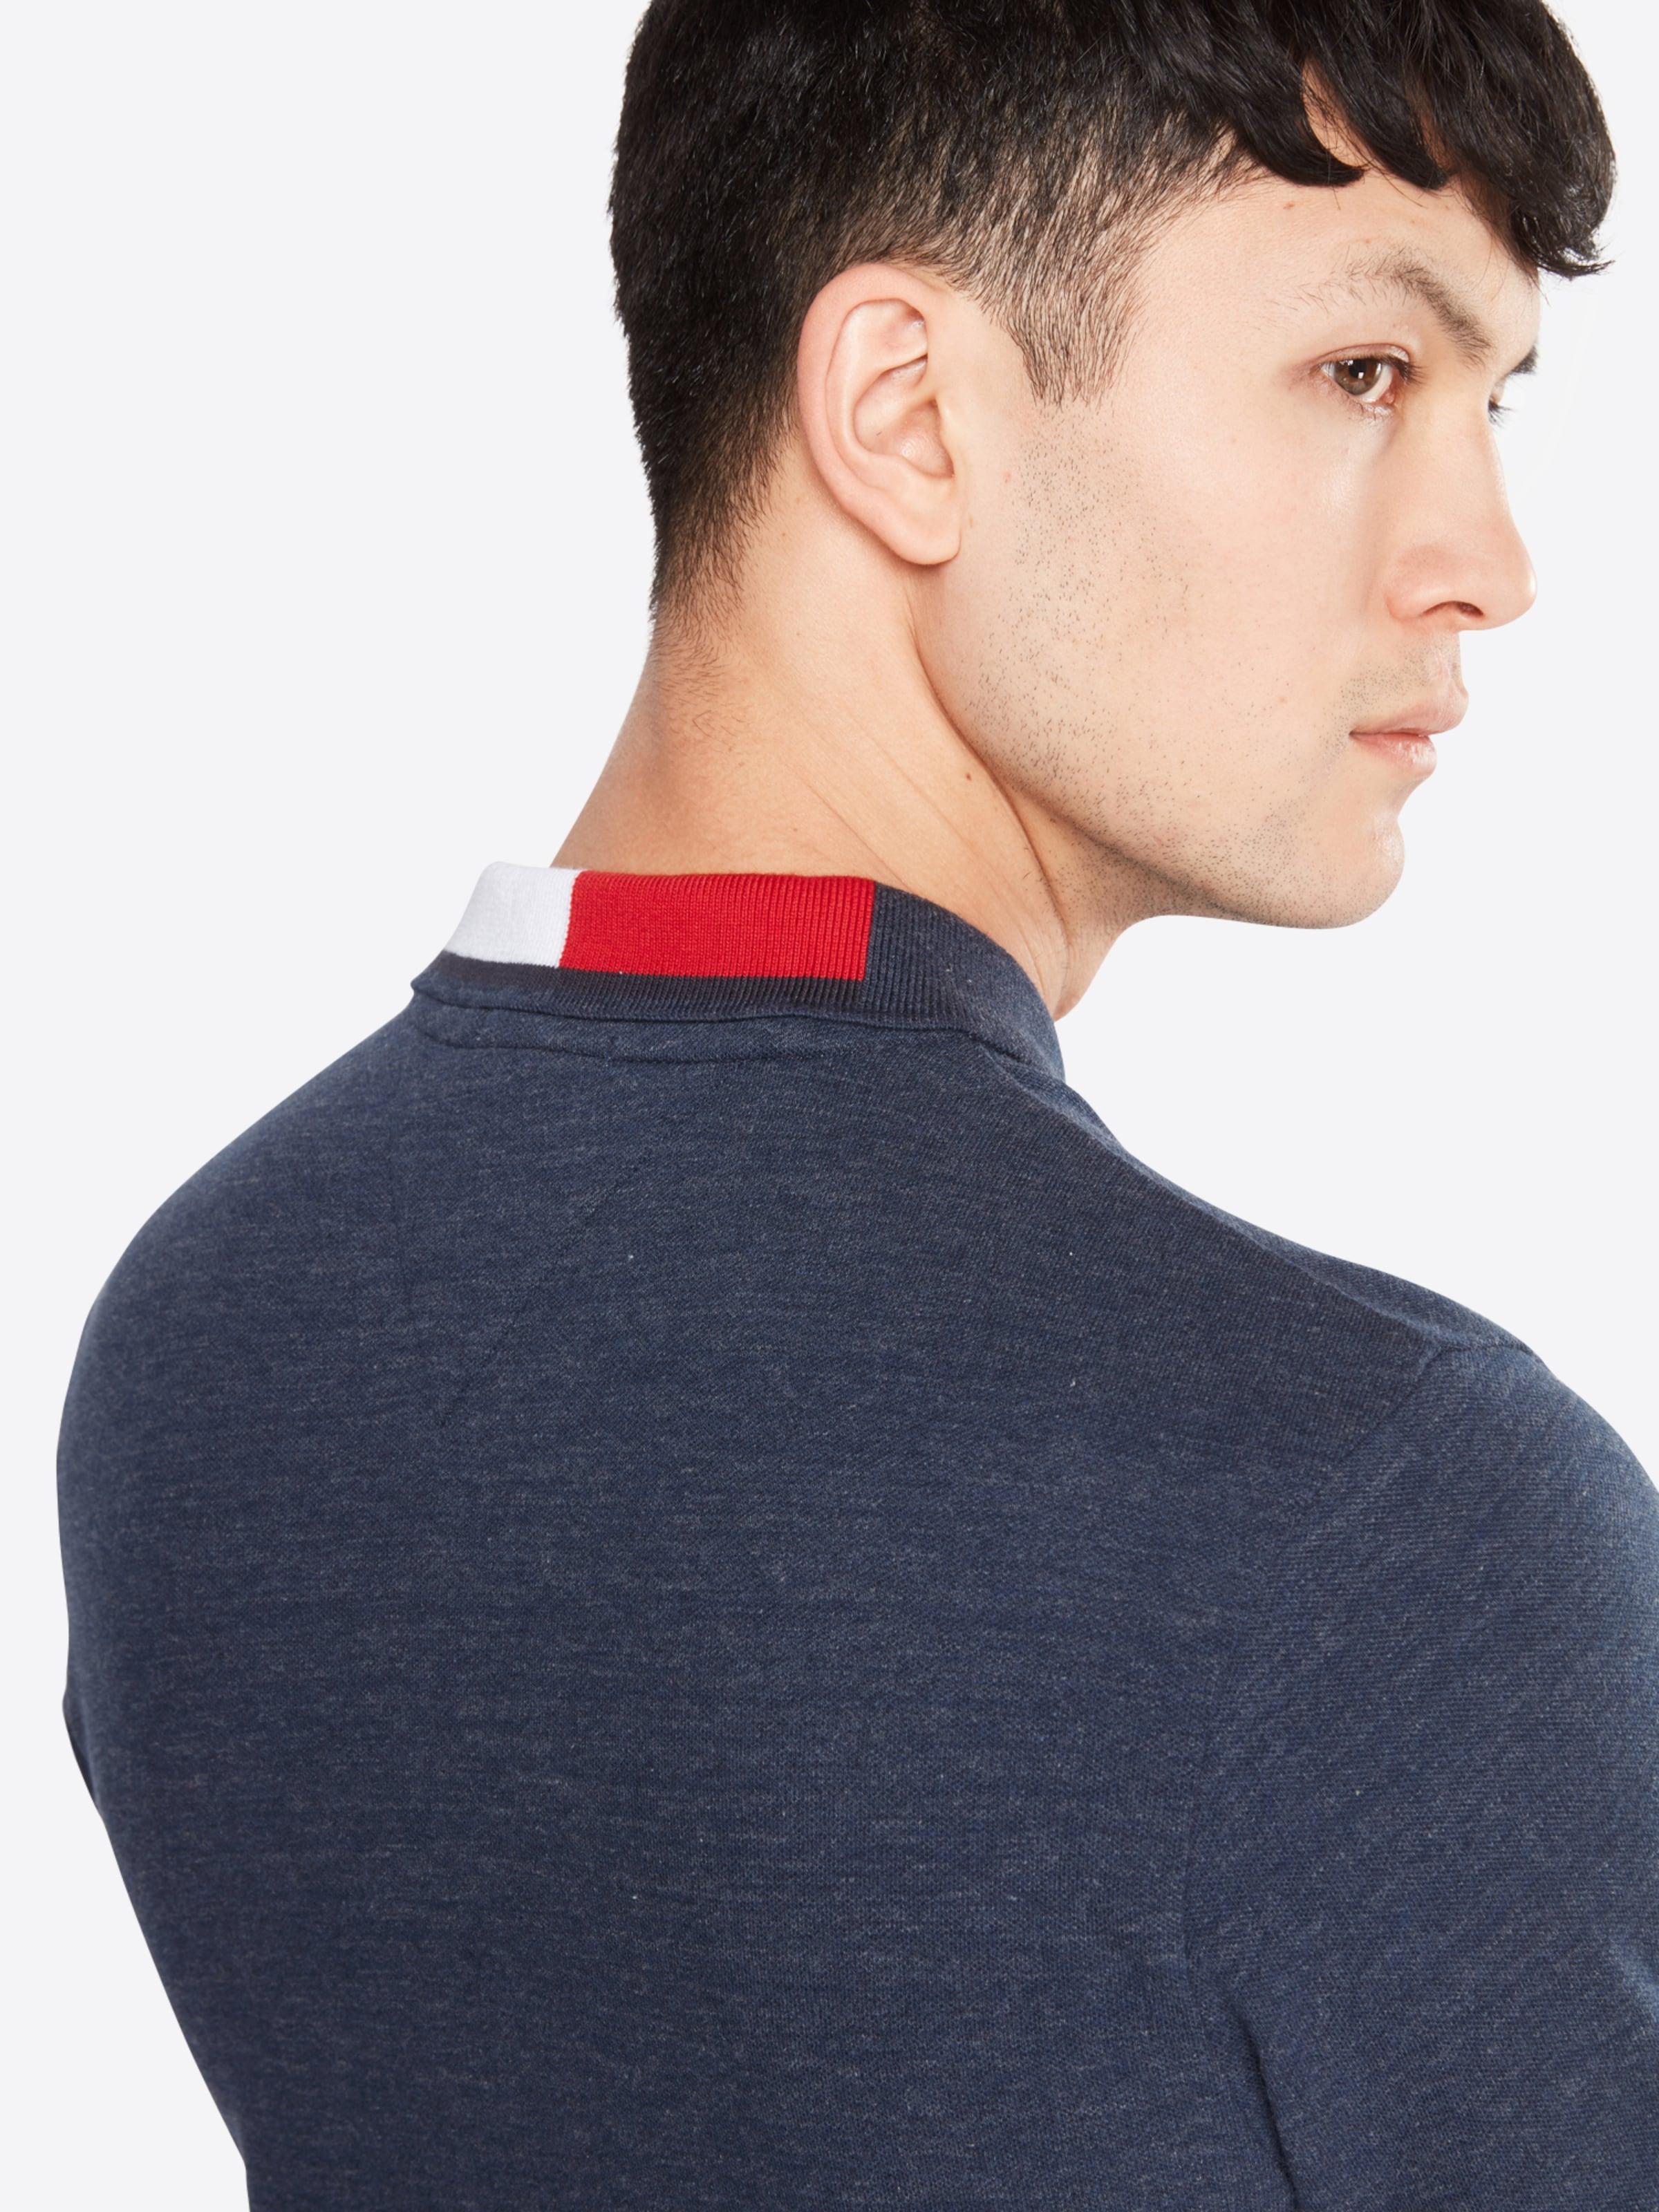 Bestes Geschäft Zu Bekommen Günstigen Preis Tommy Jeans Poloshirt Ausverkauf Billig Verkauf Für Schön WhuQazs